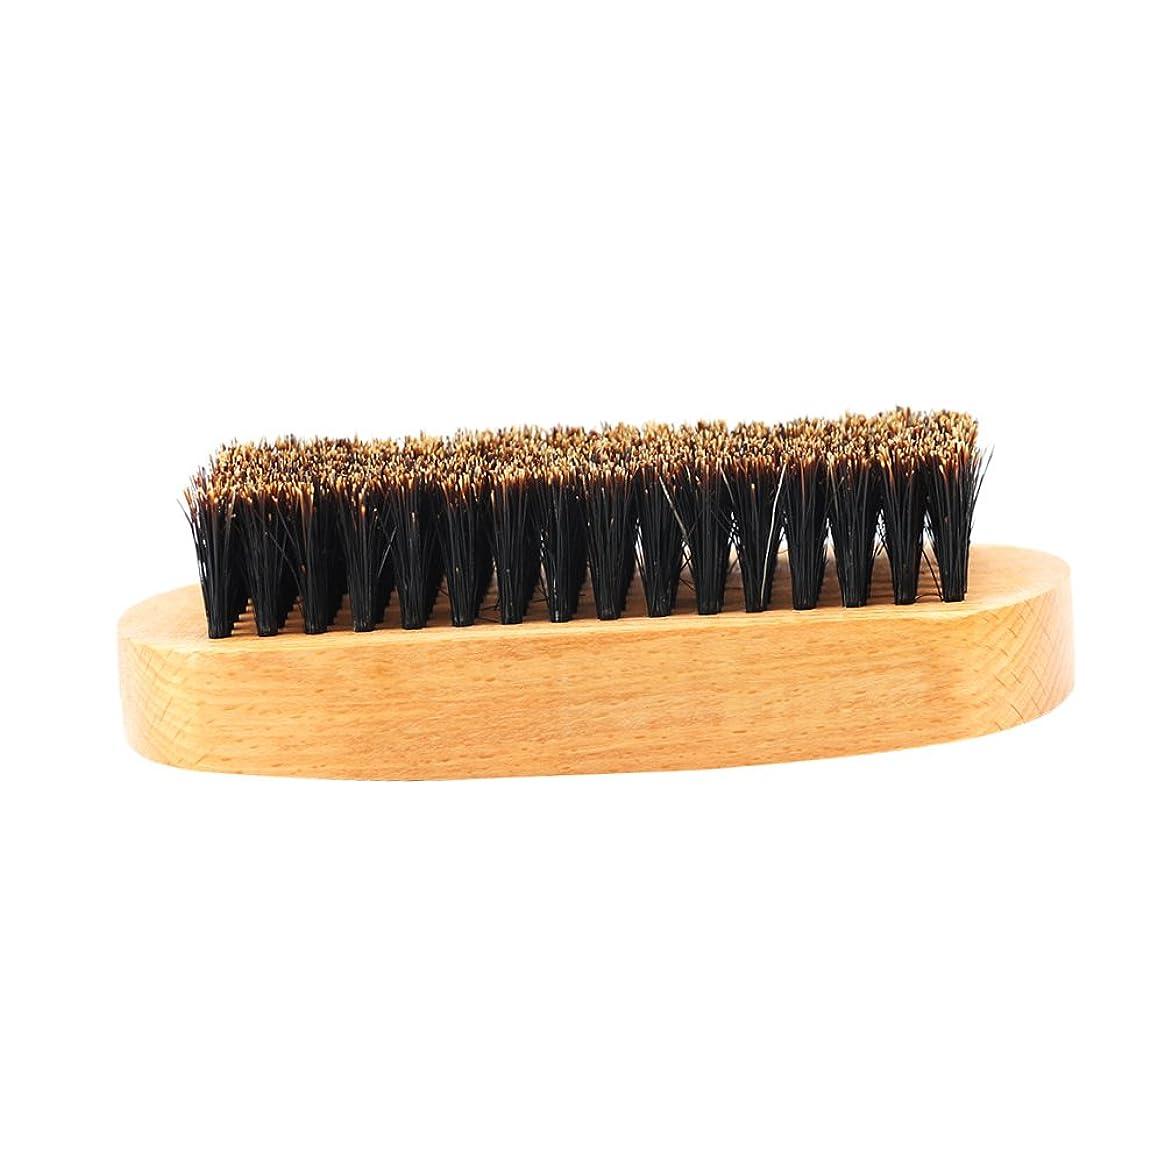 流産シェアかすれたKesoto ビュアブラシ 豚毛 髭ブラシ メンズ ひげブラシ 天然木ハンドル 口ひげケア 2タイプ選べる - #1